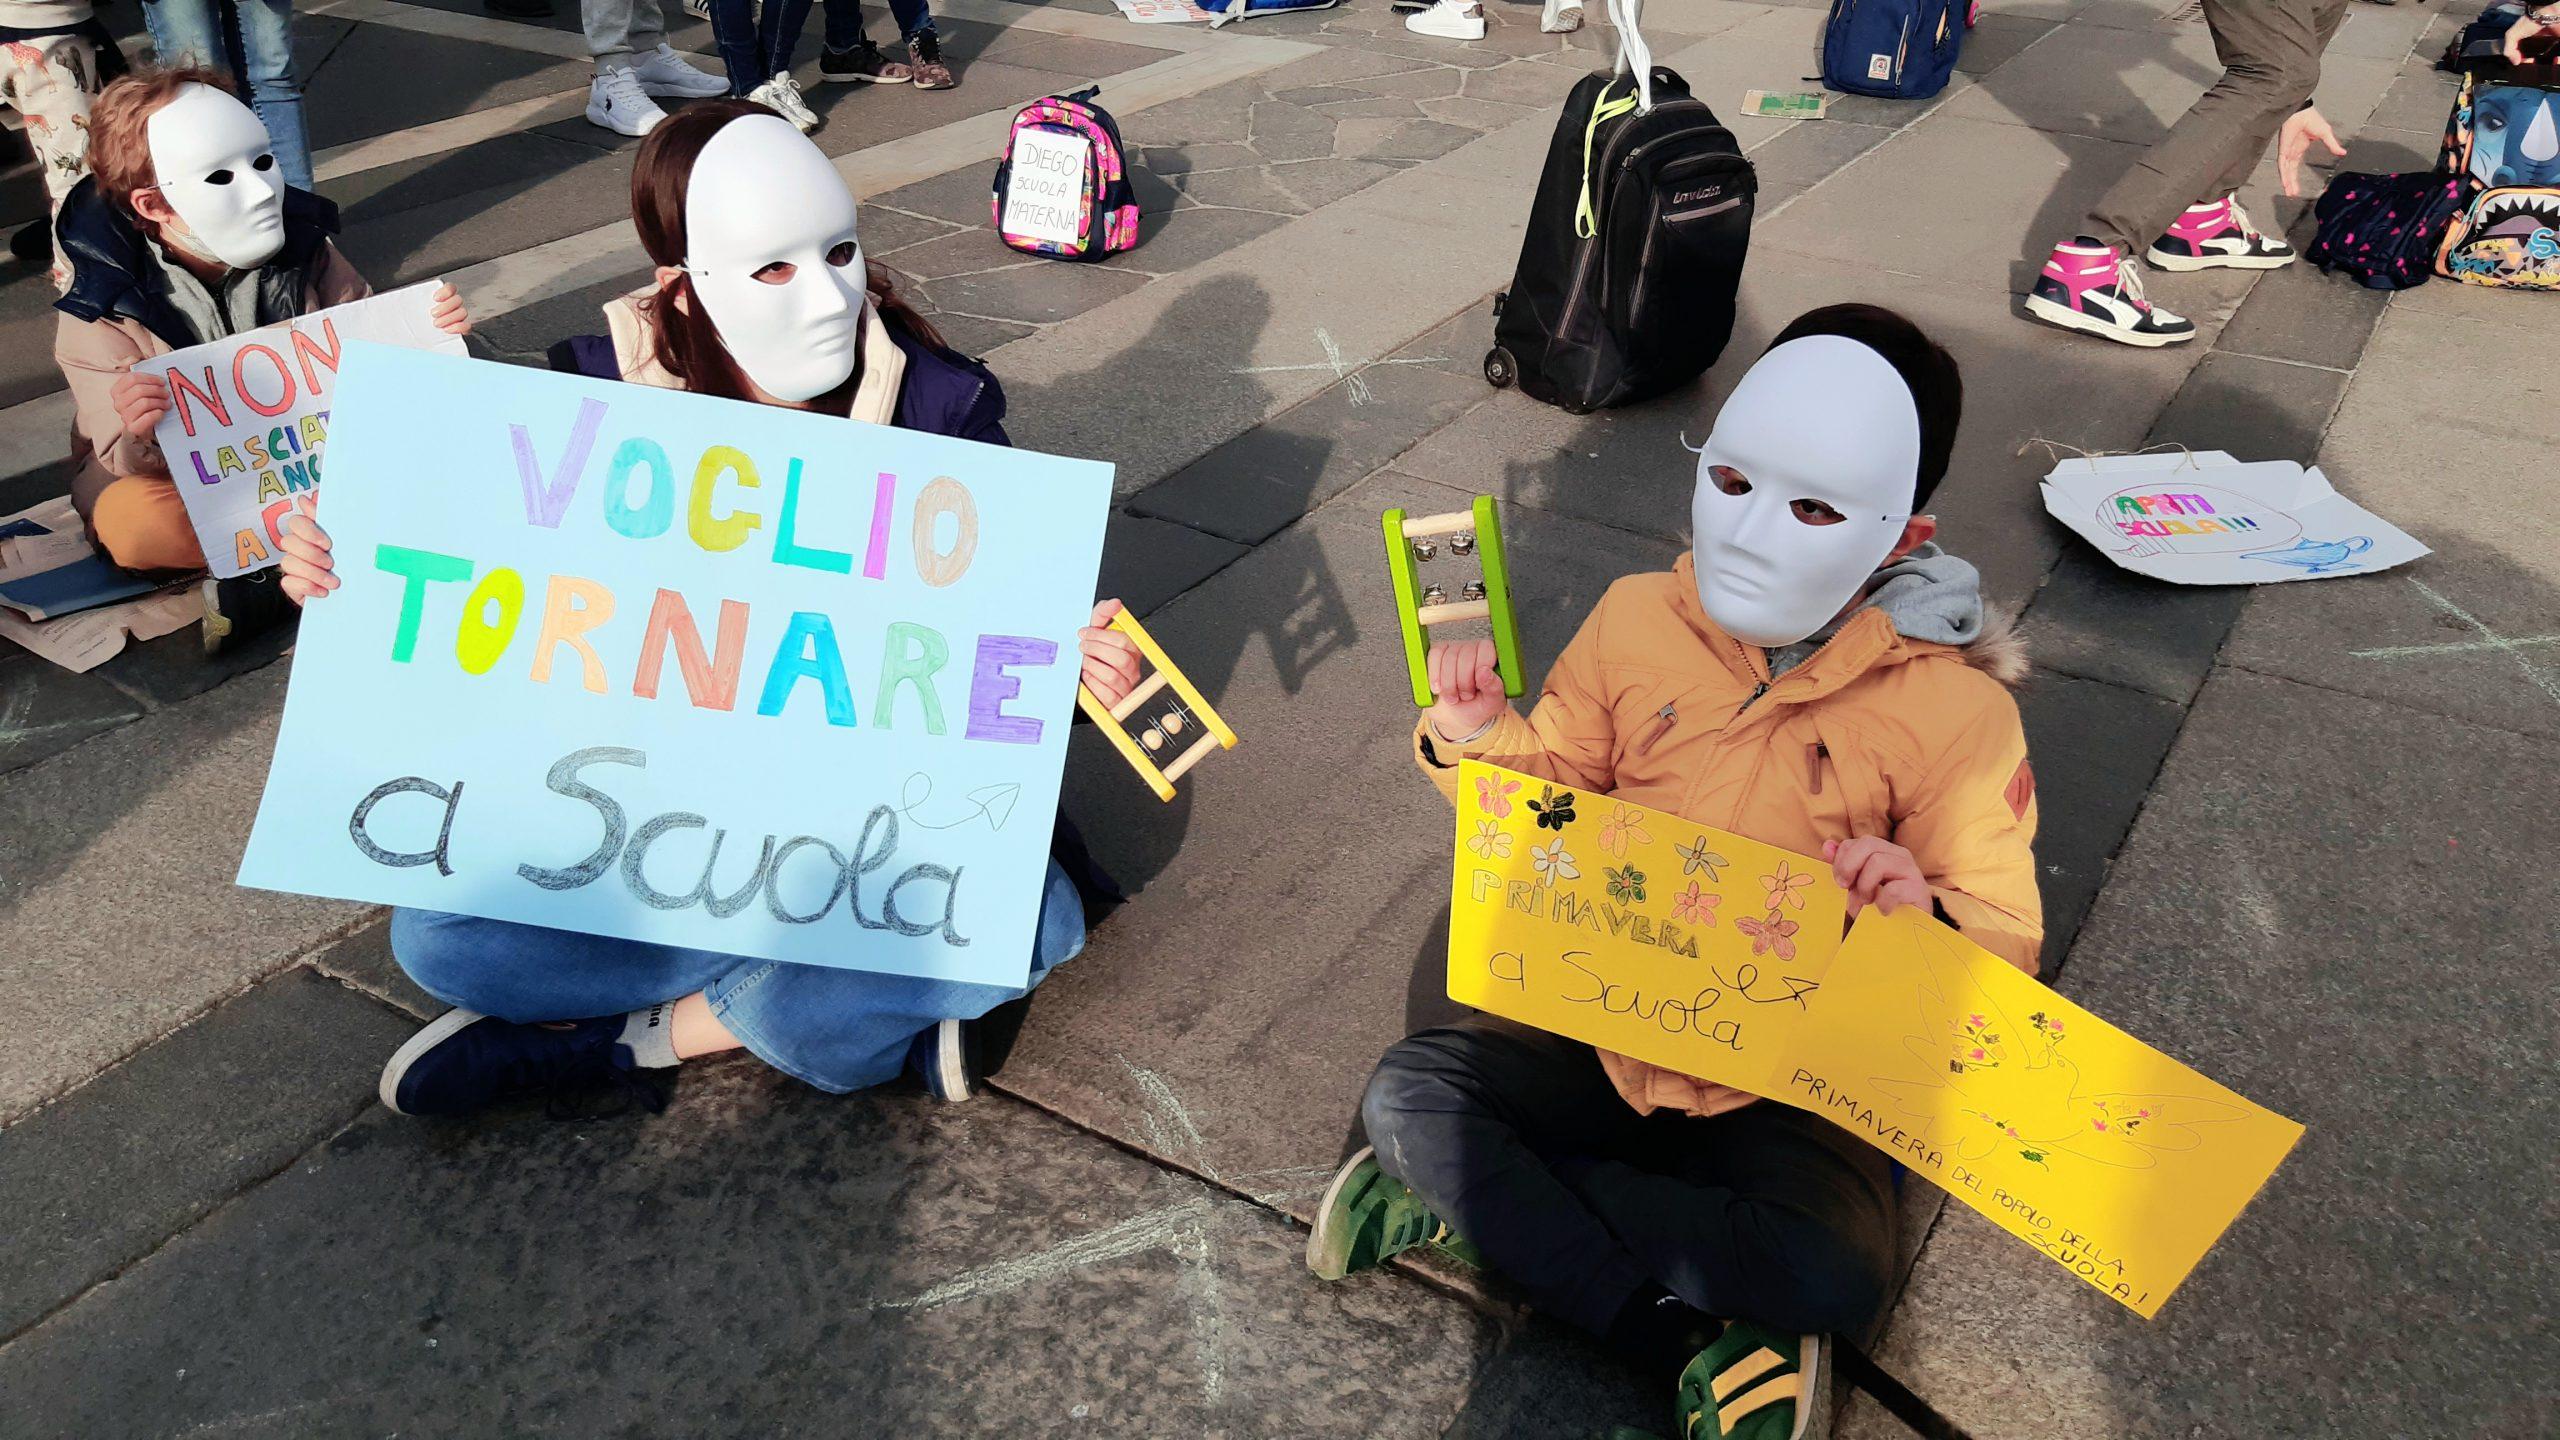 Milano 21 Marzo Voglio Tornare a scuola